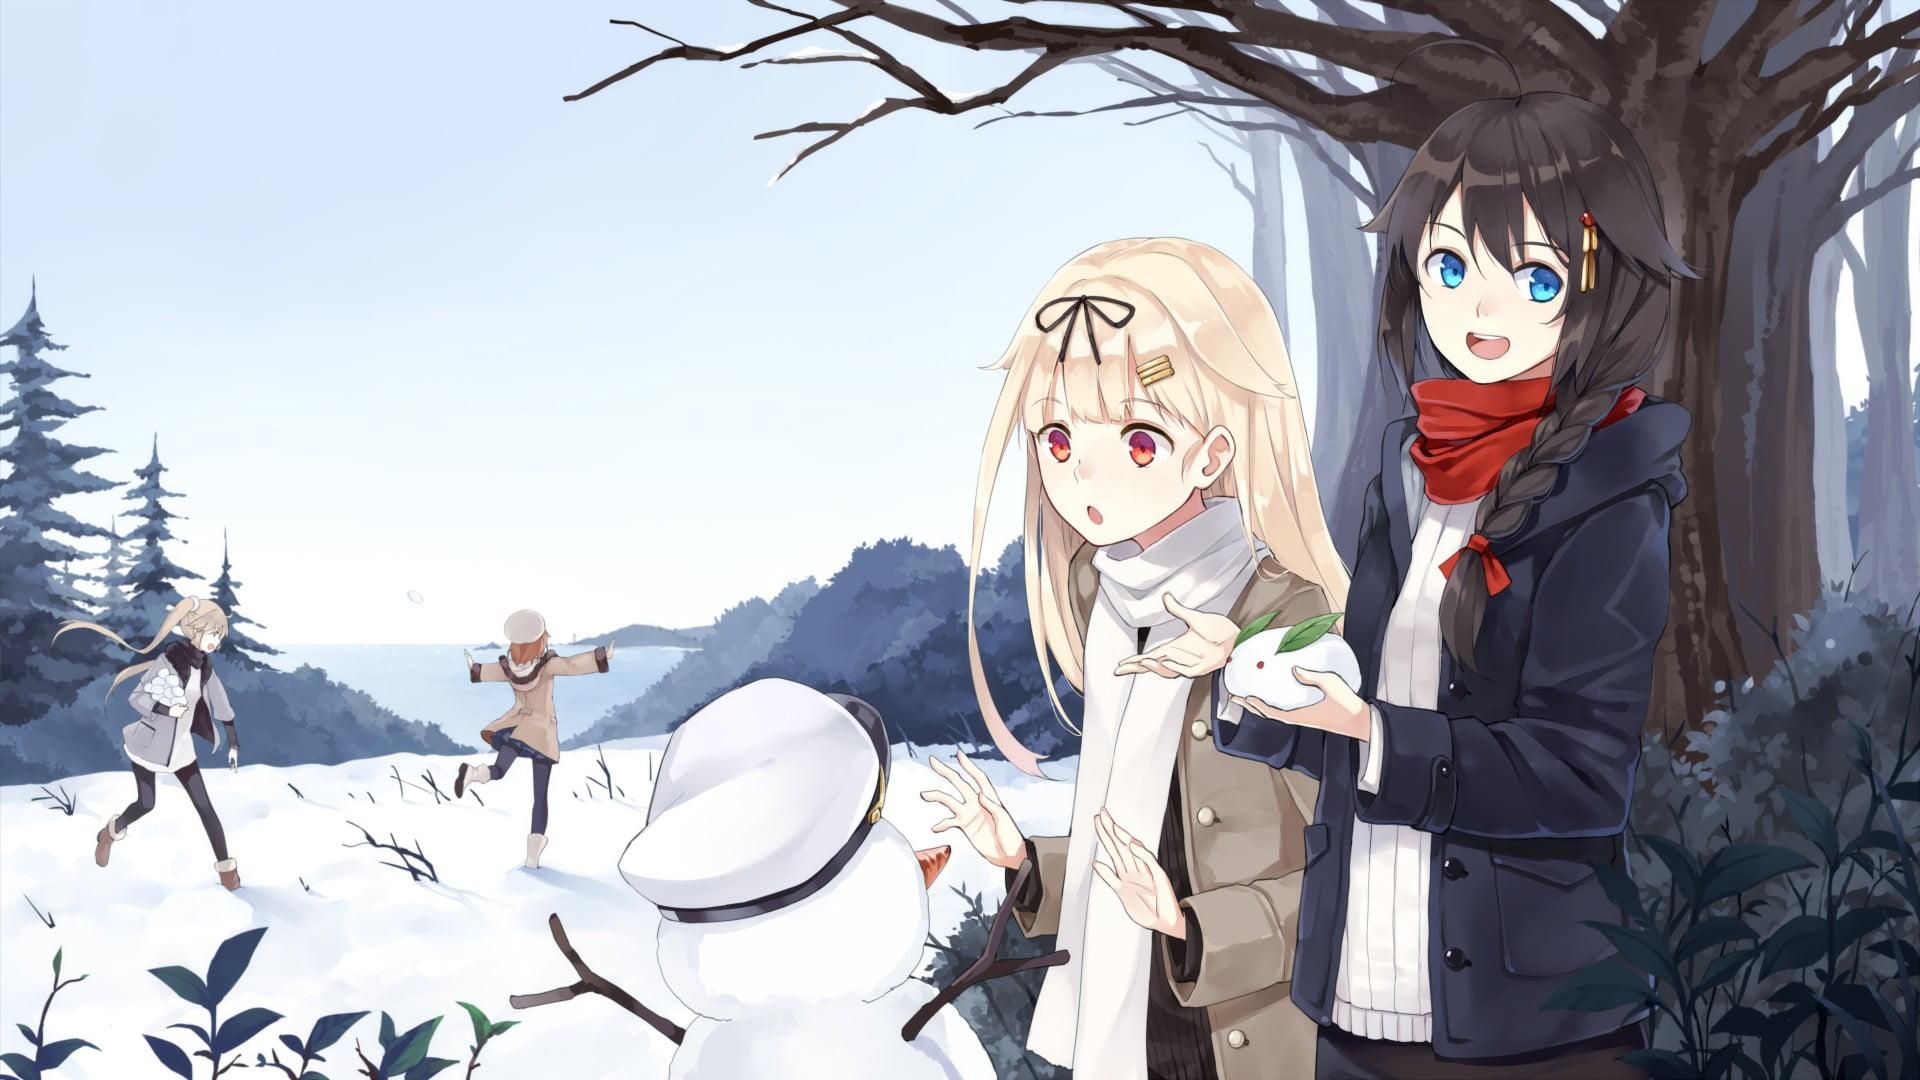 Hình anime đi chơi trong mùa đông